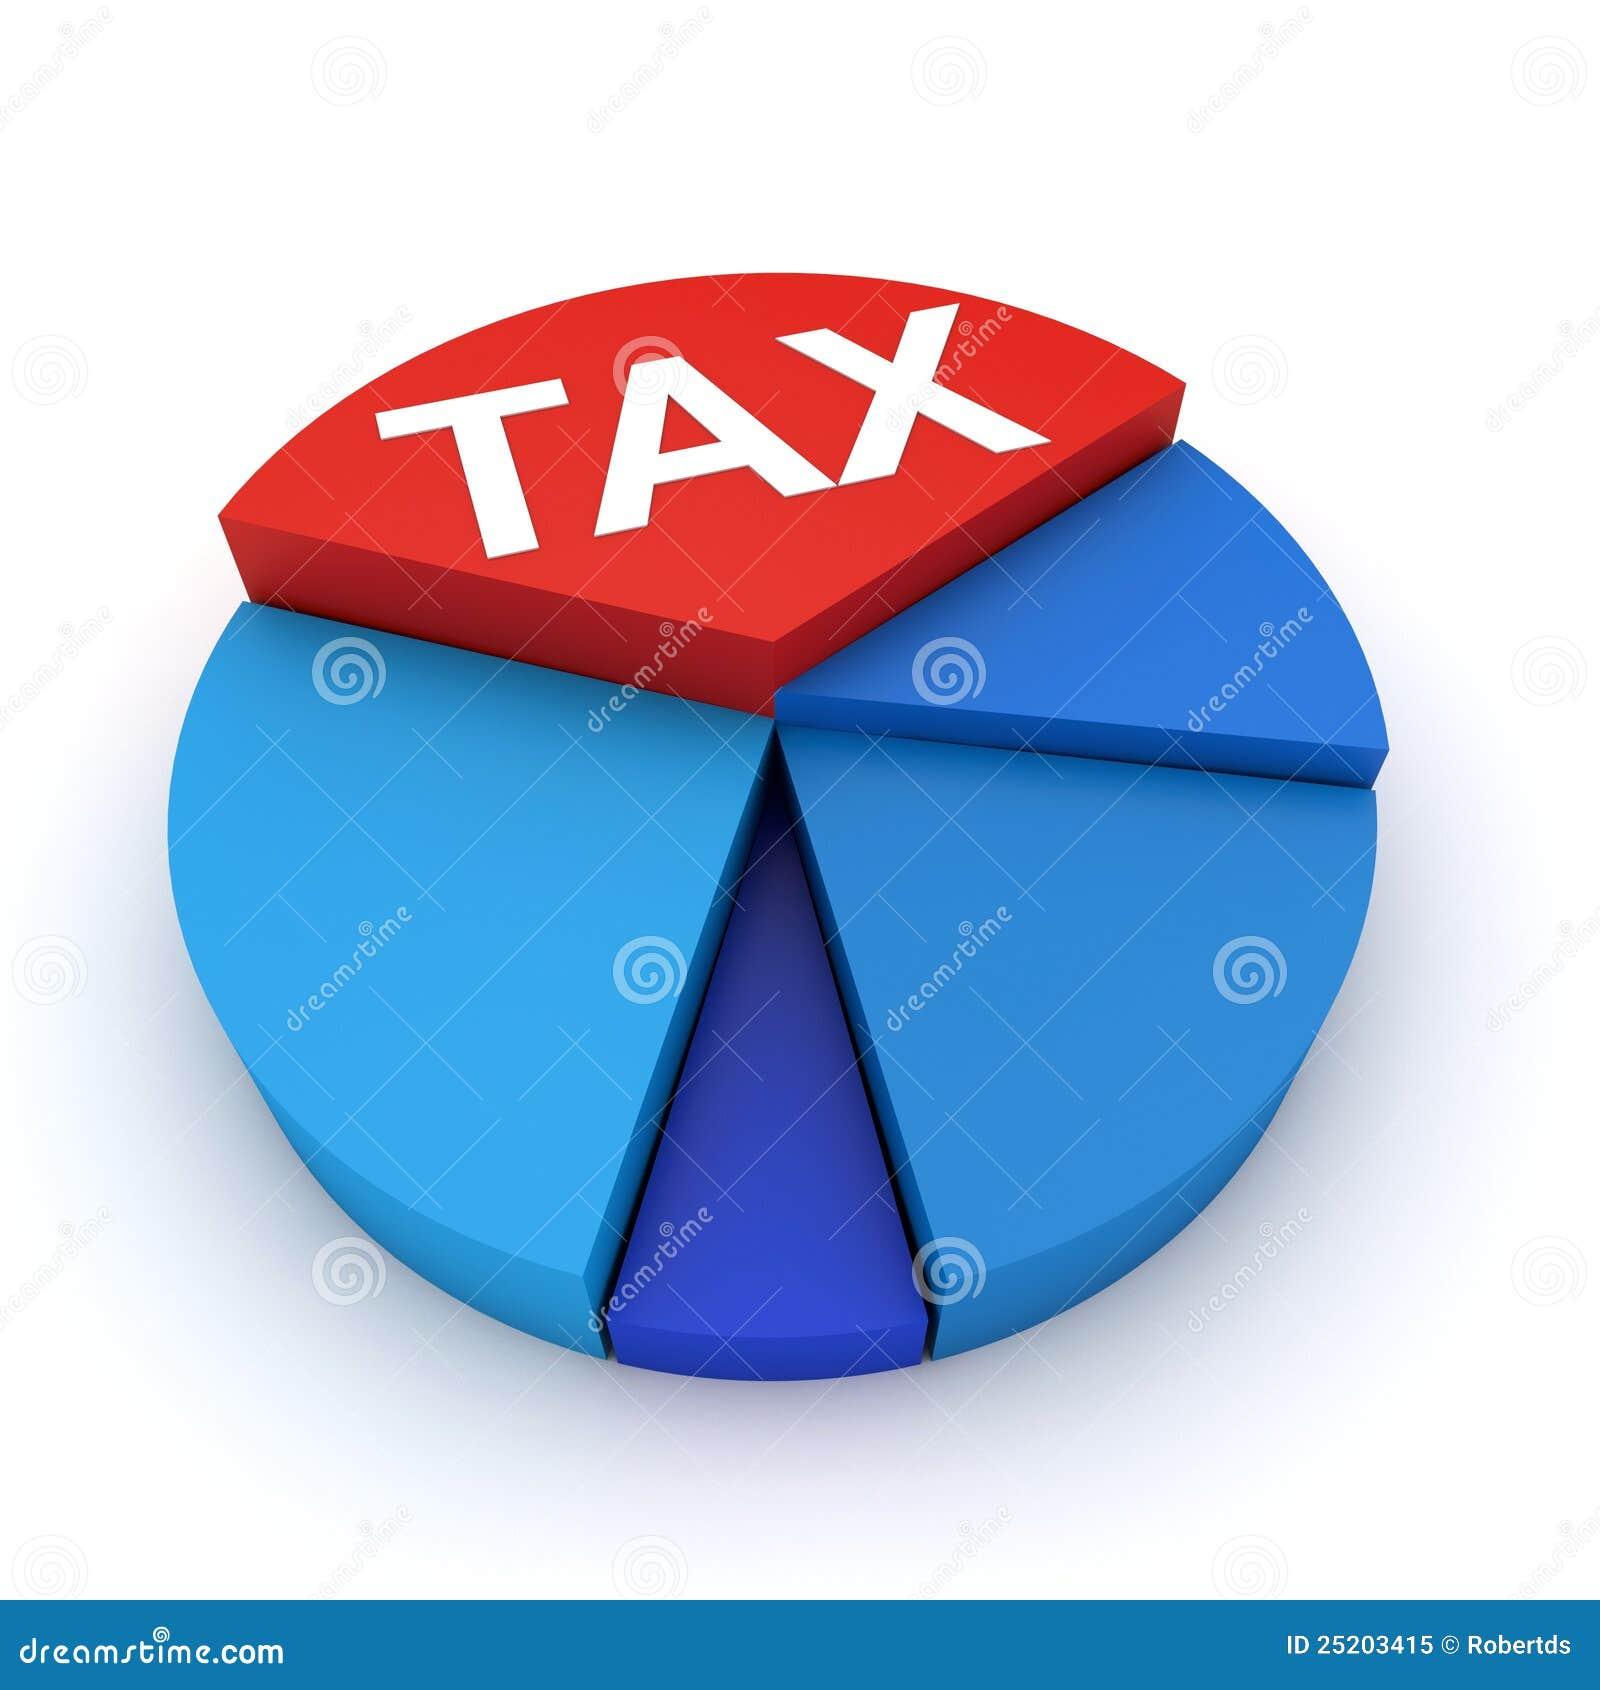 Tax pie chart